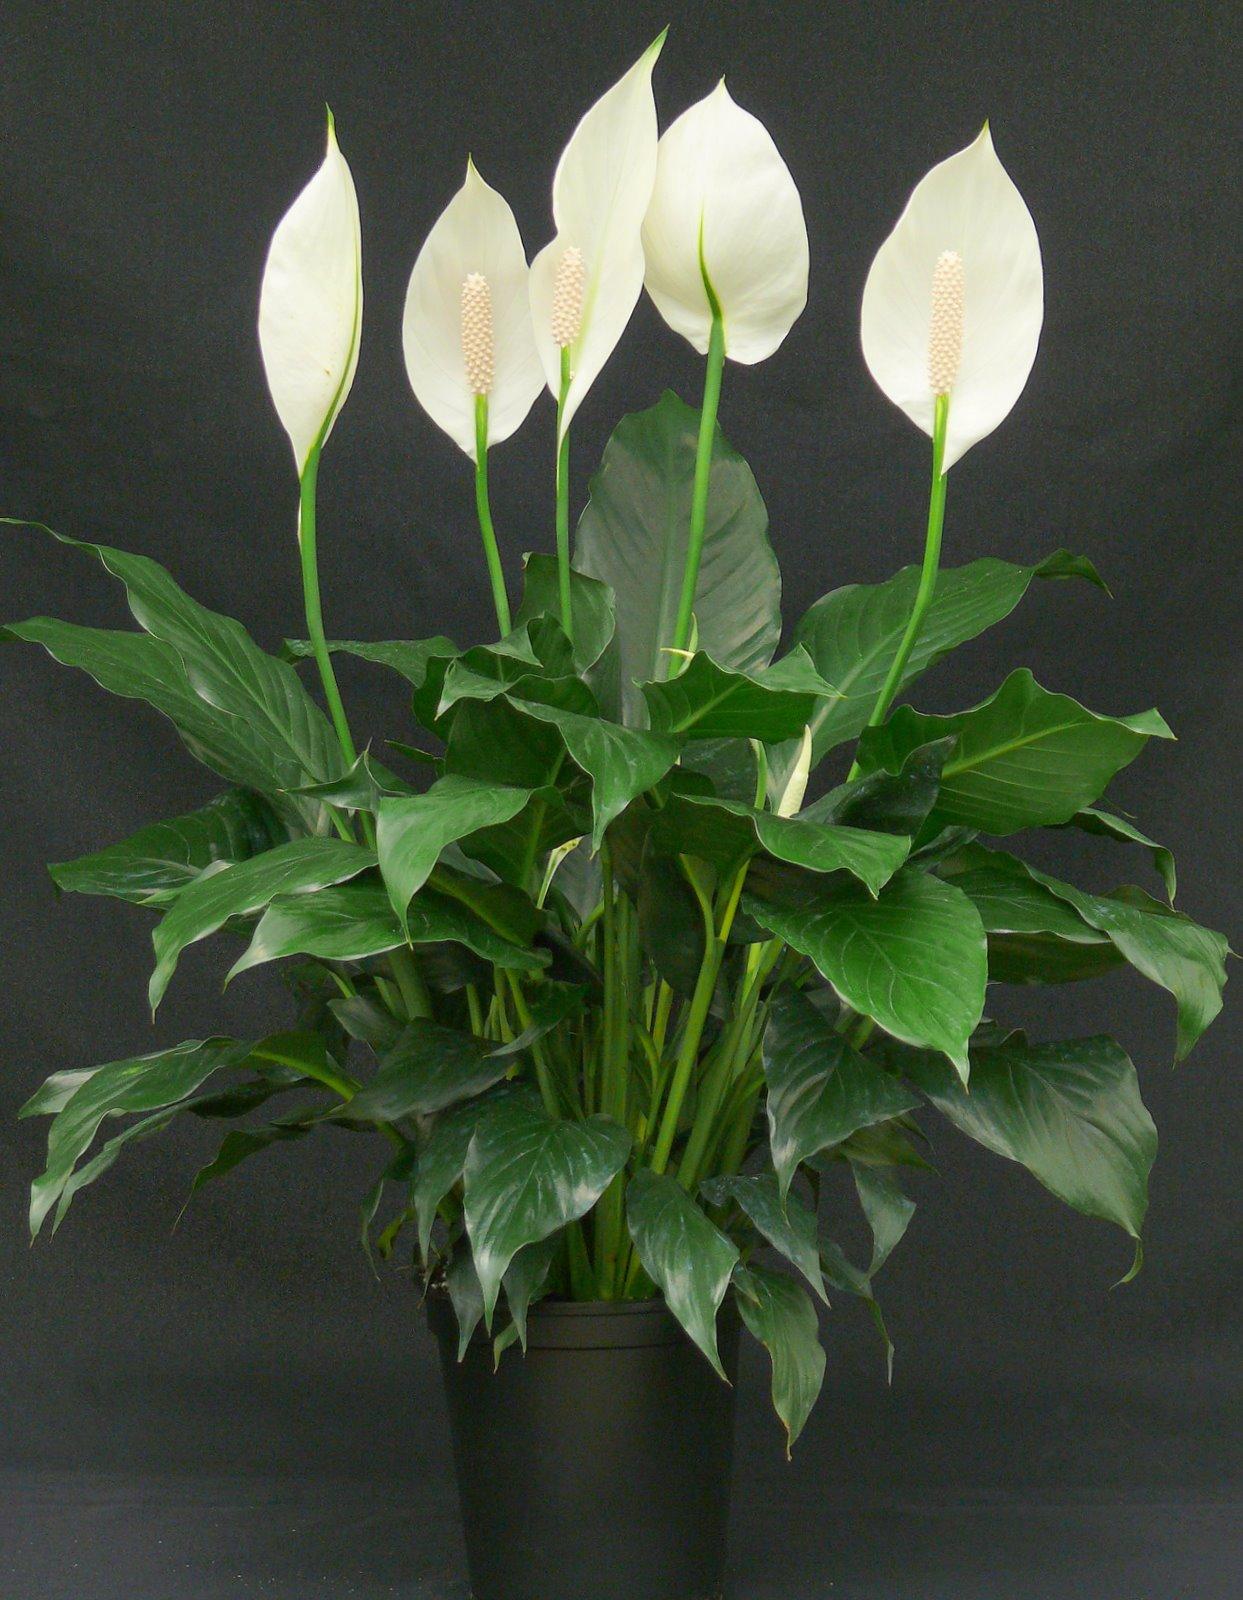 Женское счастье с белыми цветками